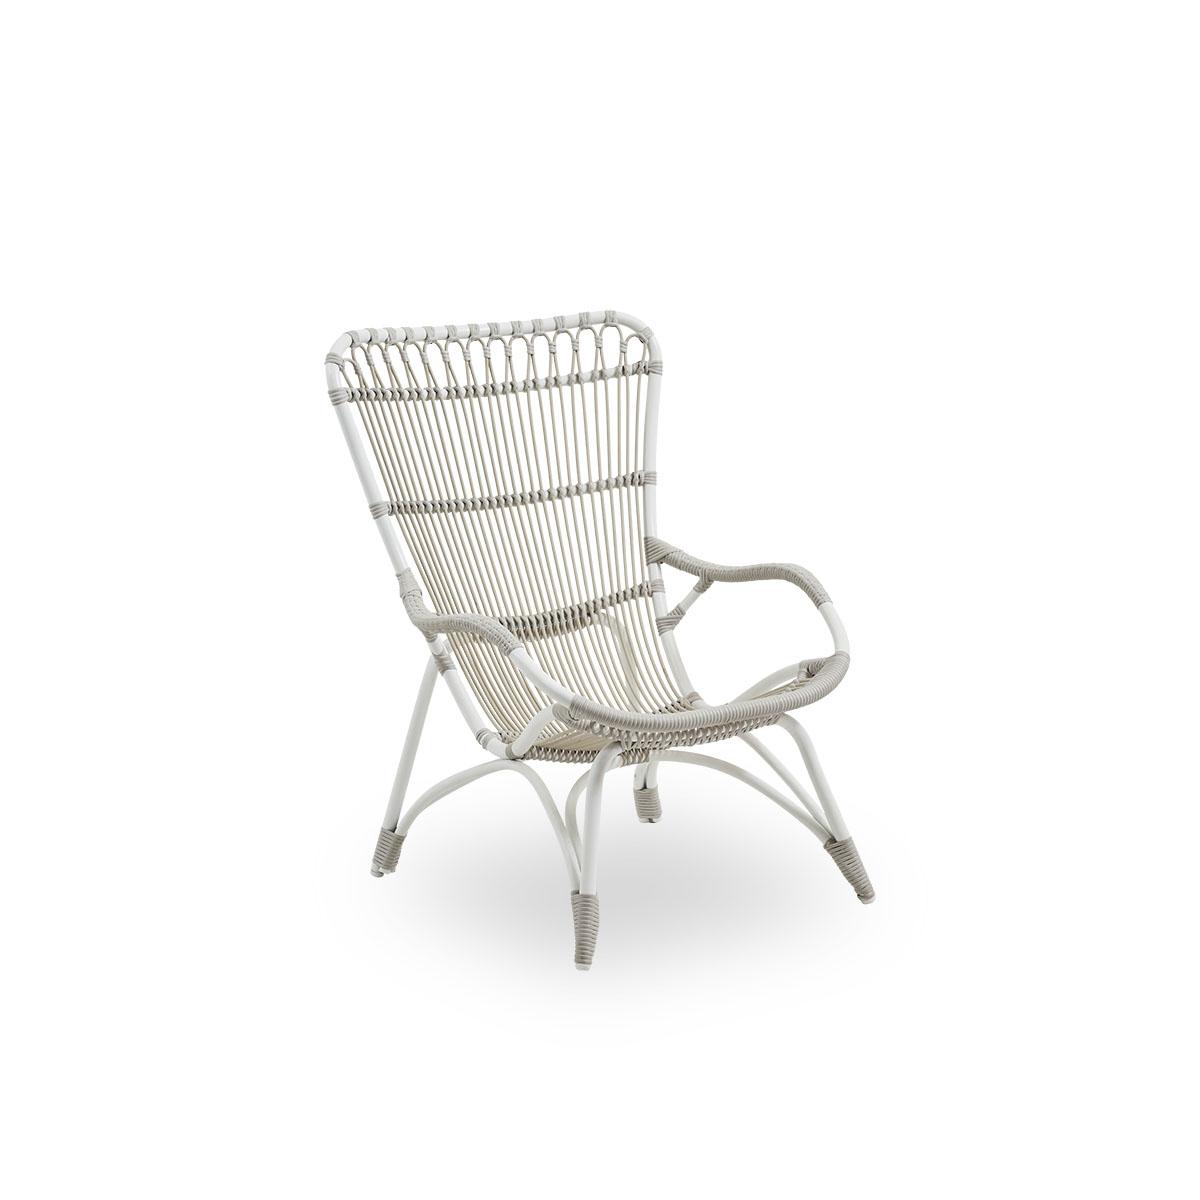 Sika Design Gartenstuhl Monet ohne Hocker Weiß